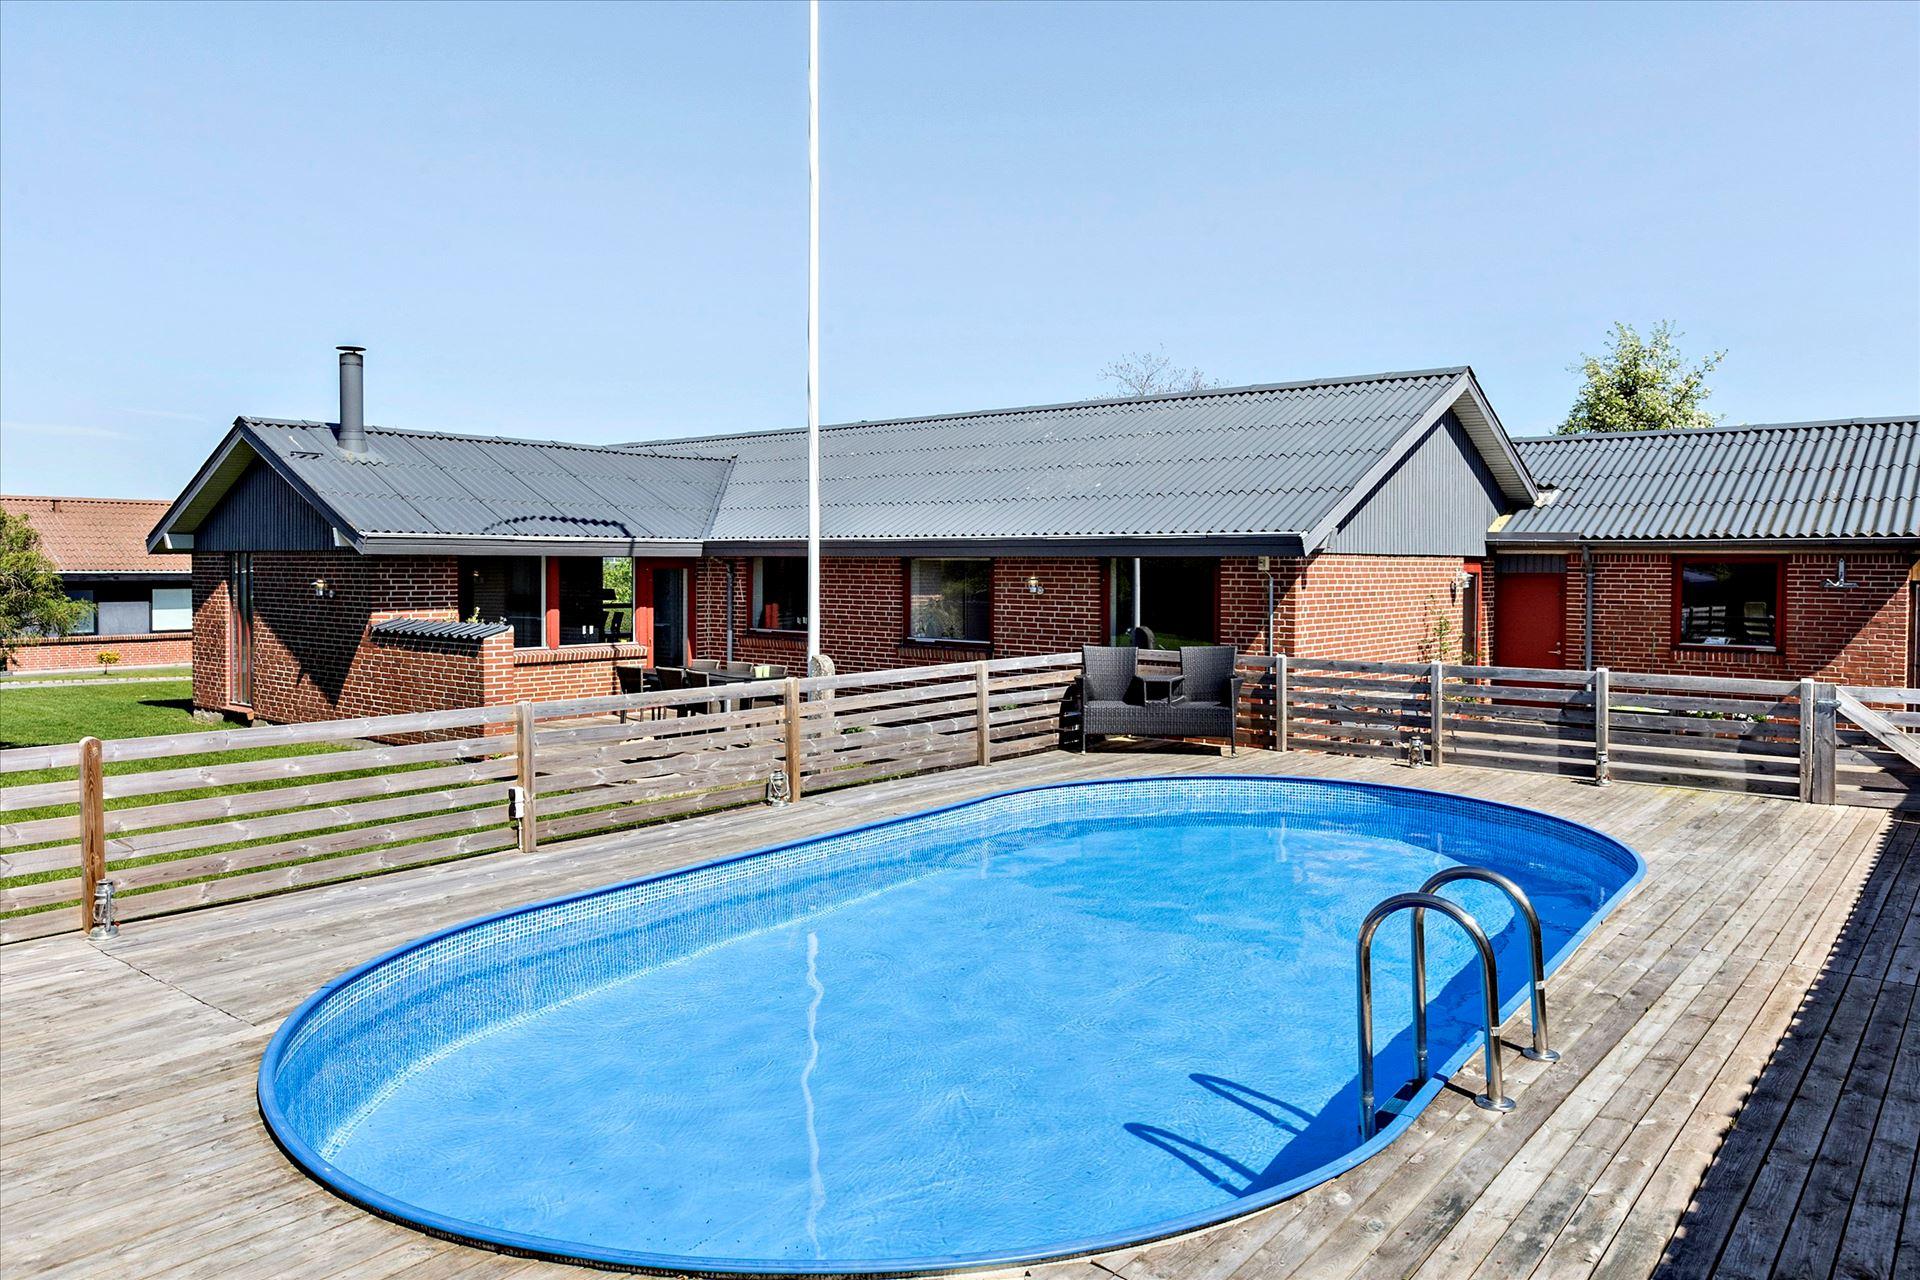 Edc : villa, fridasminde 13, 8960 randers sØ